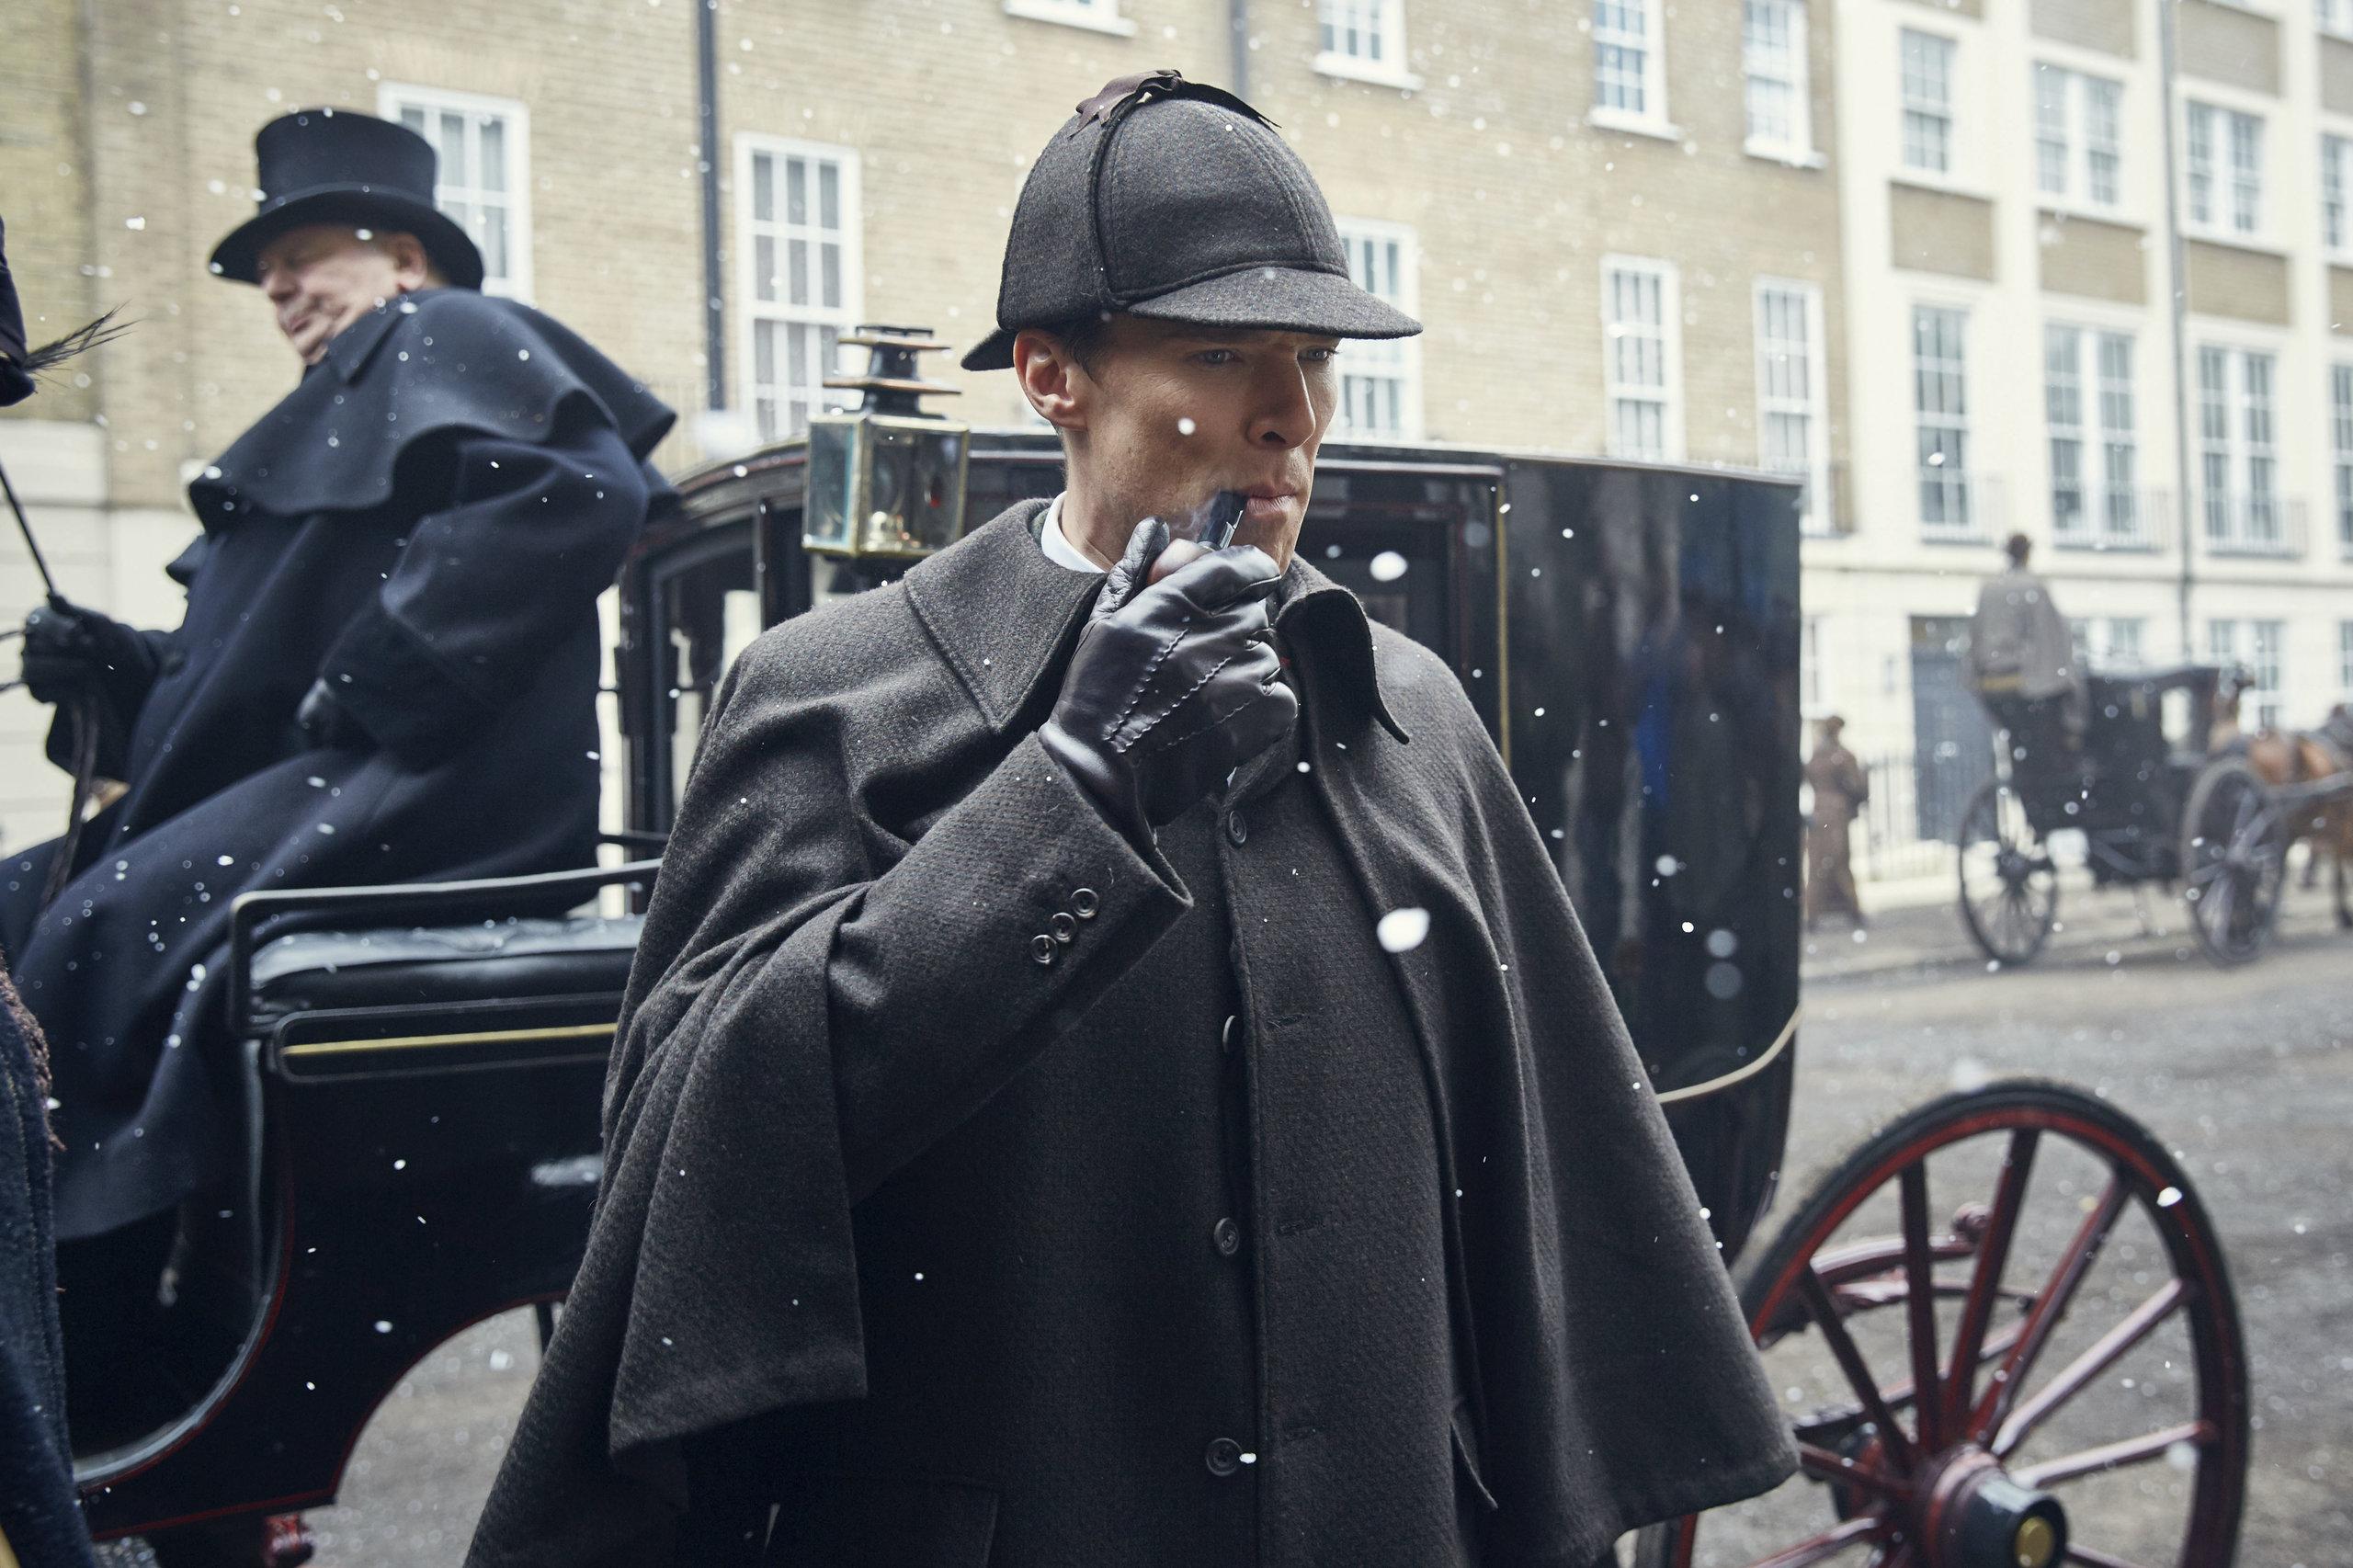 Кадр из спецвыпуска сериала «Шерлок» («Безобразная невеста», 2016)